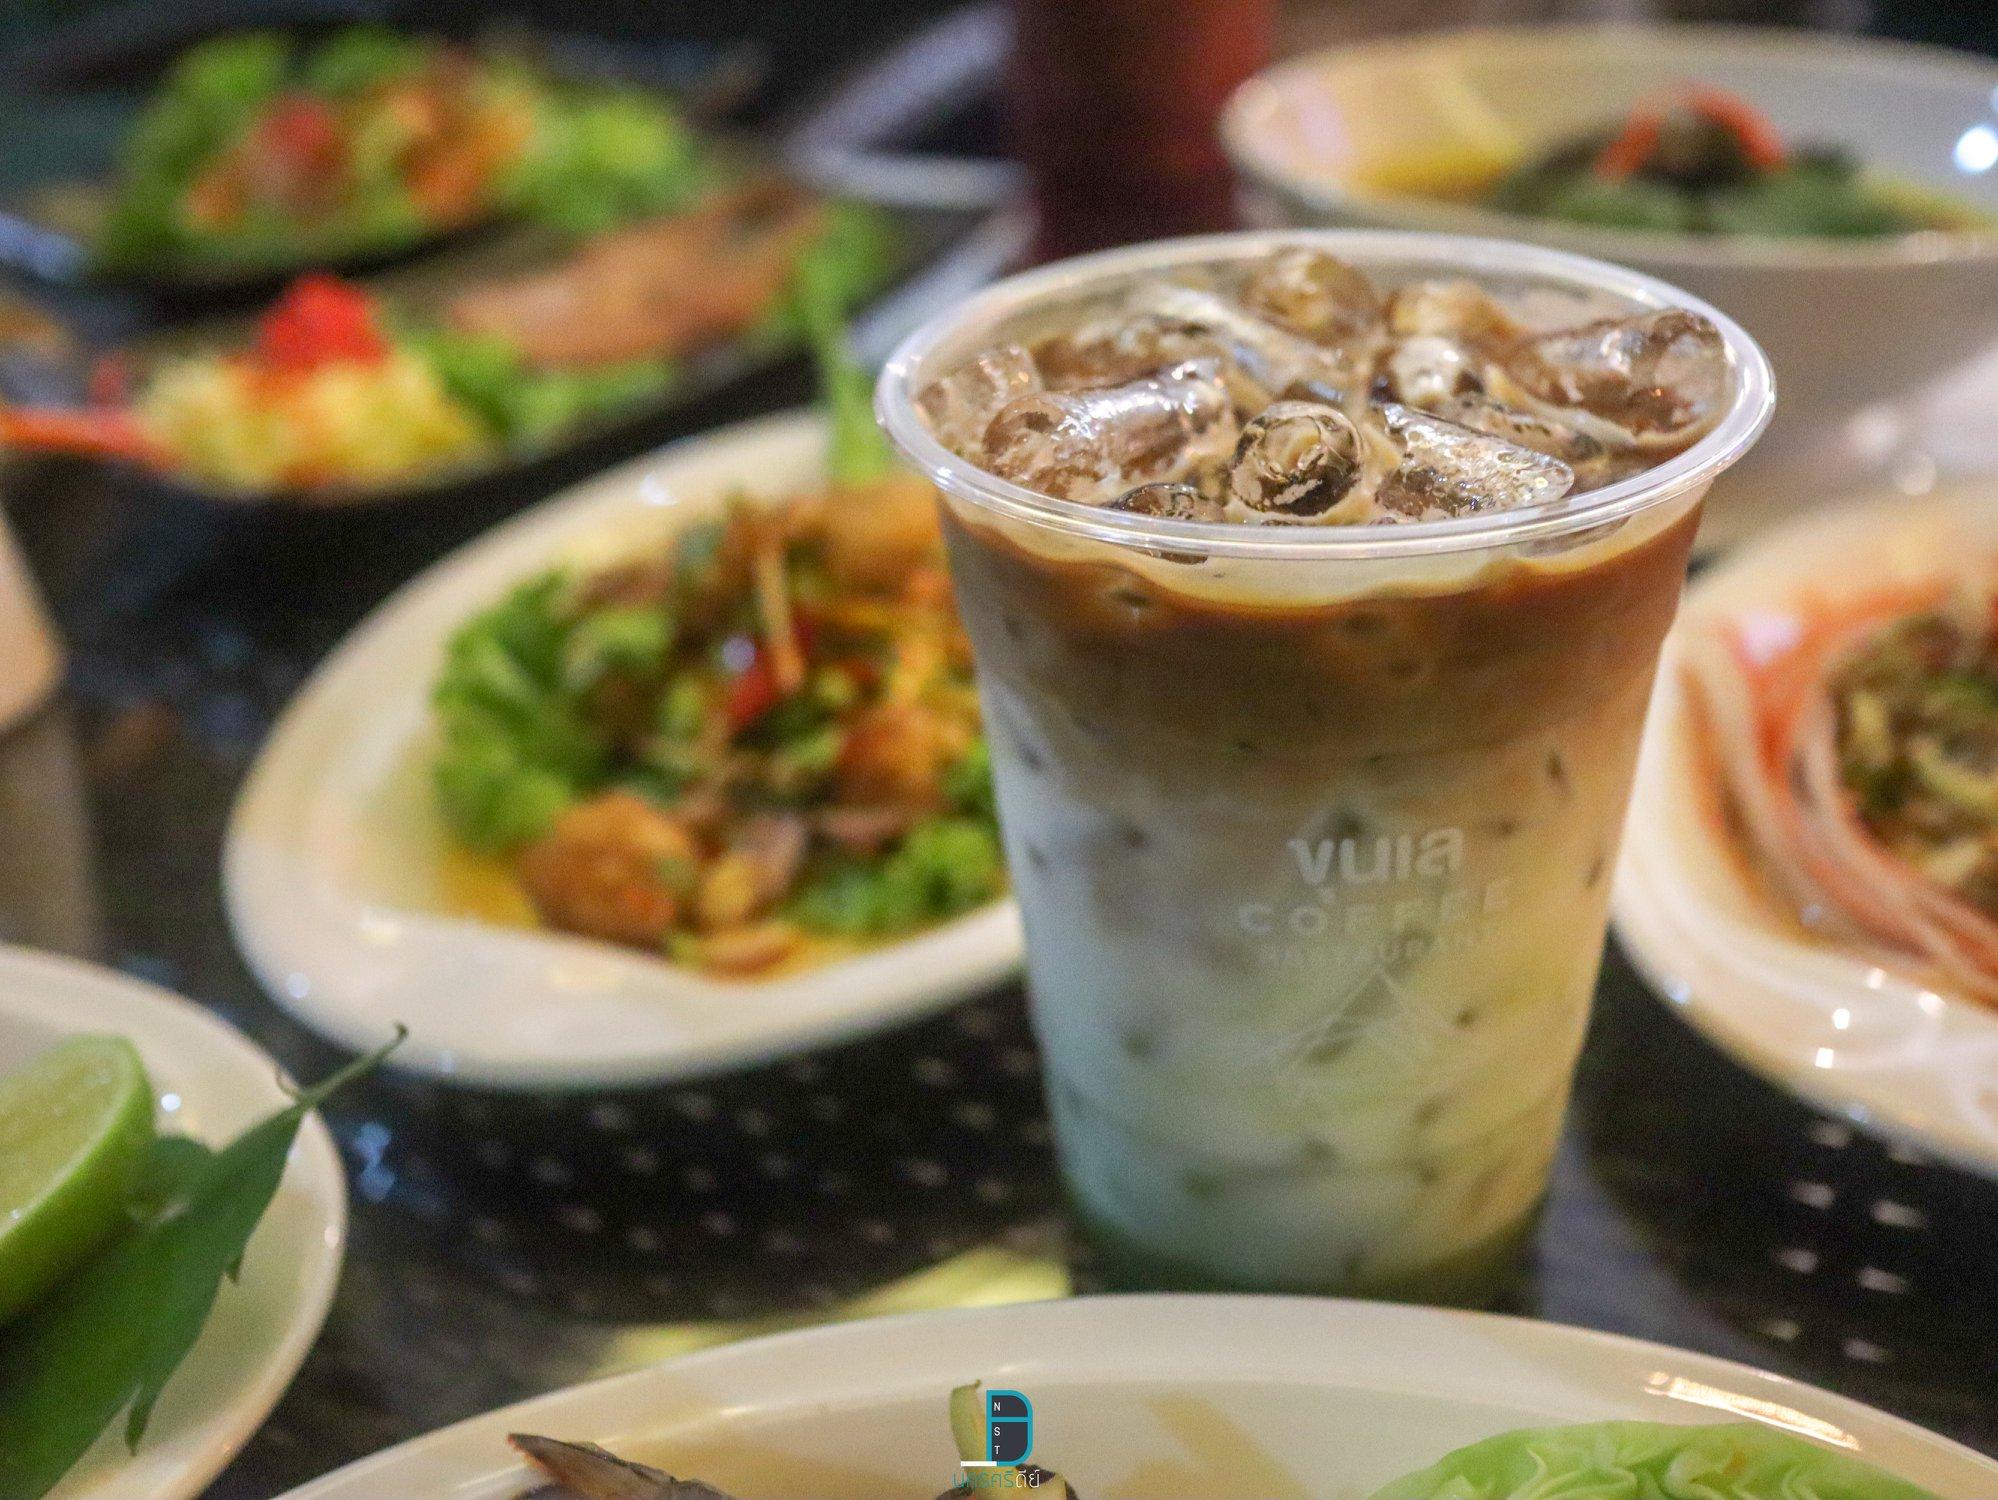 คาเฟ่ ลานสกา ขุนเล คอฟฟี่  Cafe ลับๆสวยๆวิวหลักล้าน นครศรีธรรมราช นครศรีดีย์